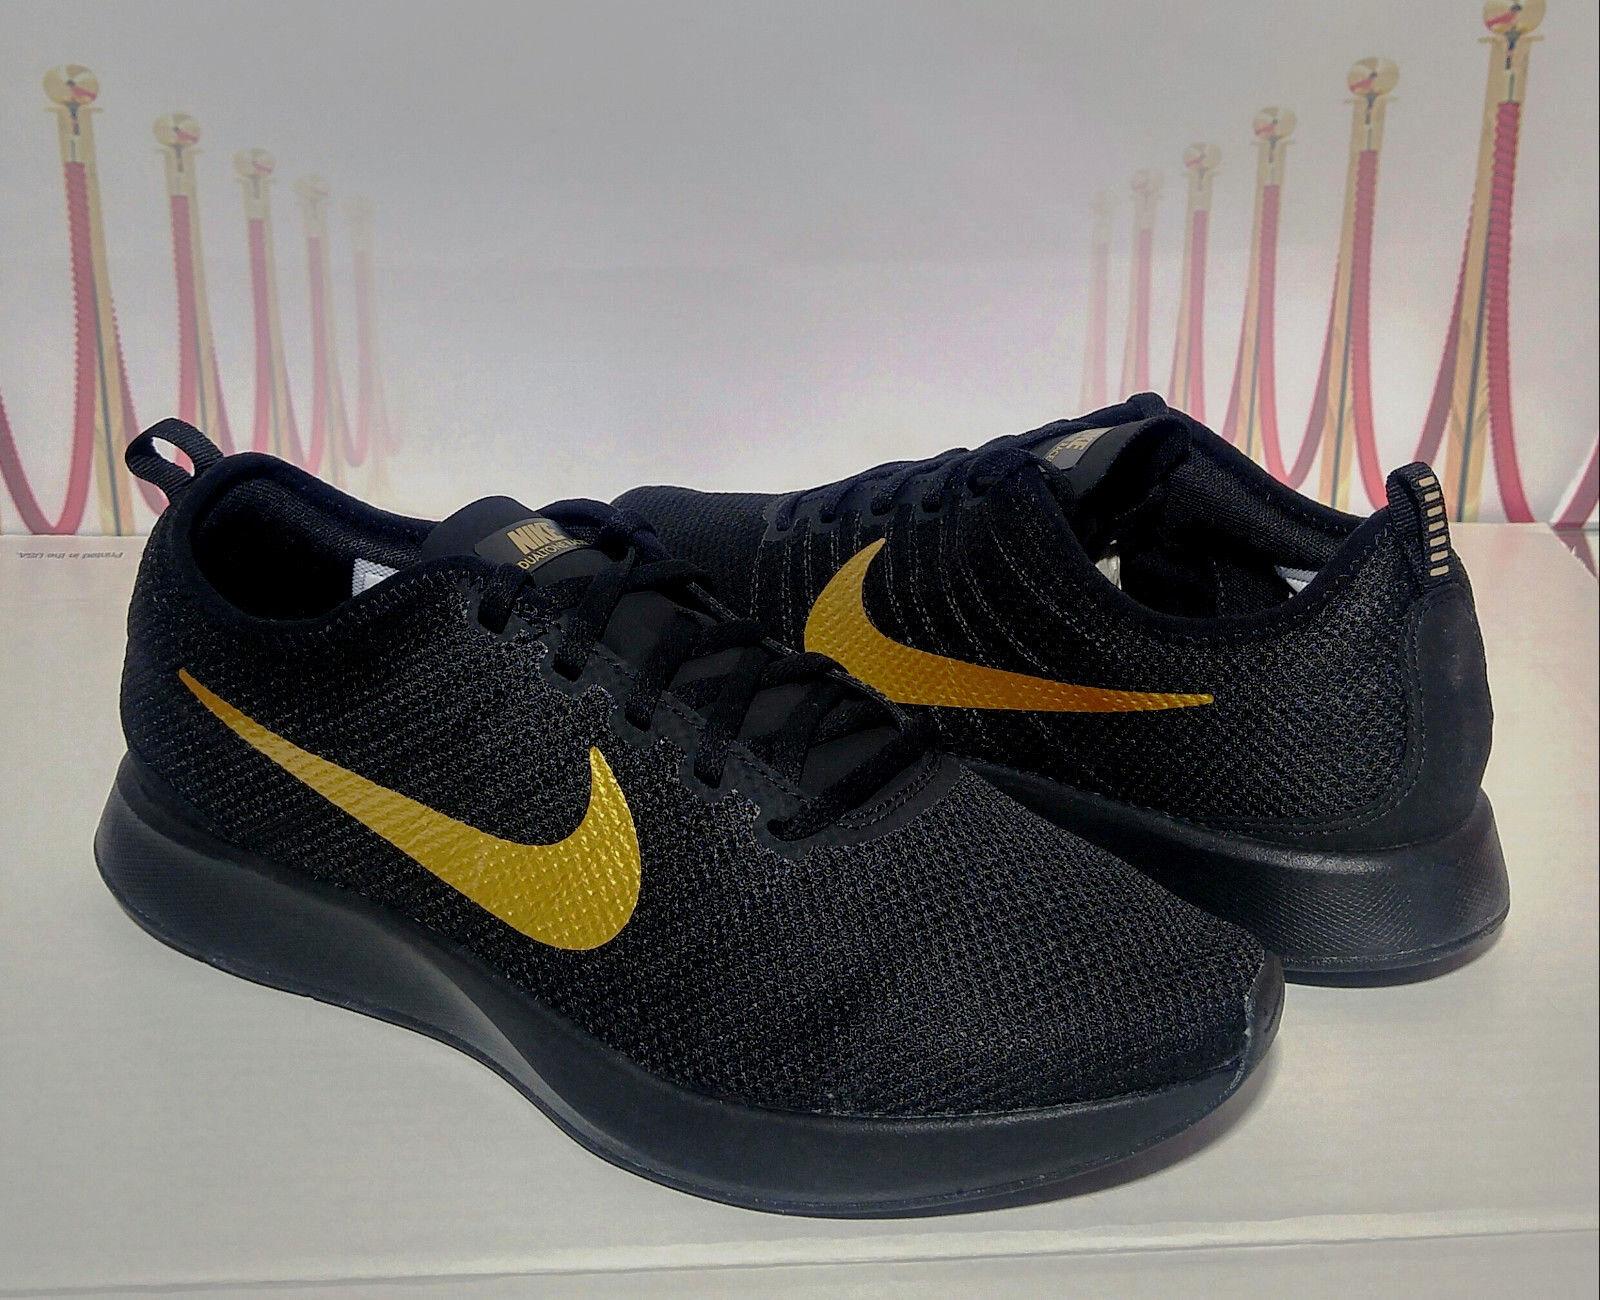 Nike dualtone racer 918227 007 scarpe da uomo più oro nuova spedizione gratuita